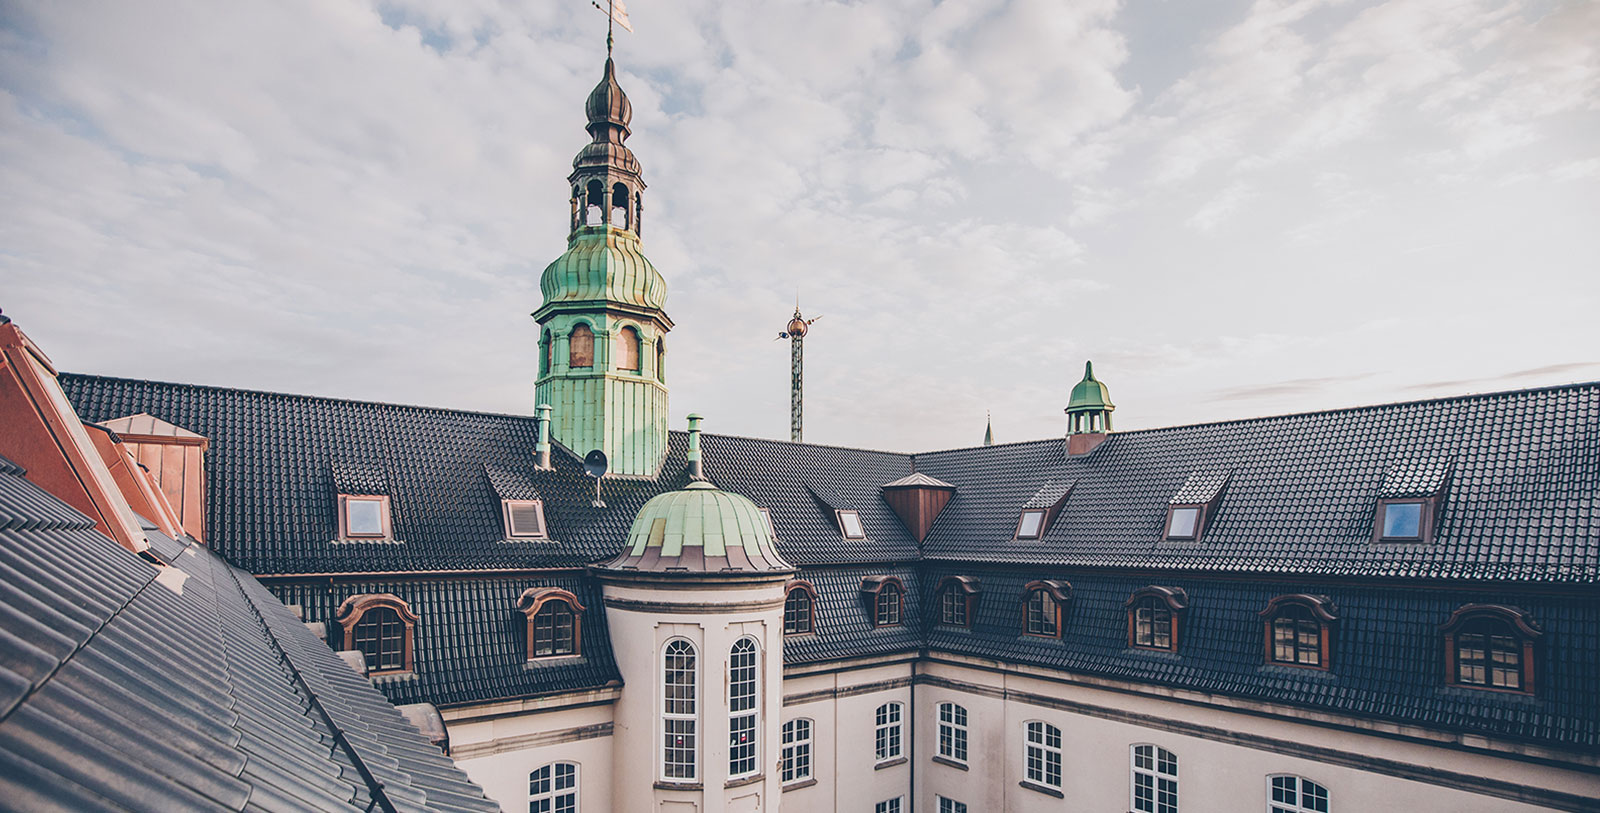 Image of Hotel Exterior Villa Copenhagen, 1912, Member of Historic Hotels Worldwide, in Copenhagen, Denmark, Overview